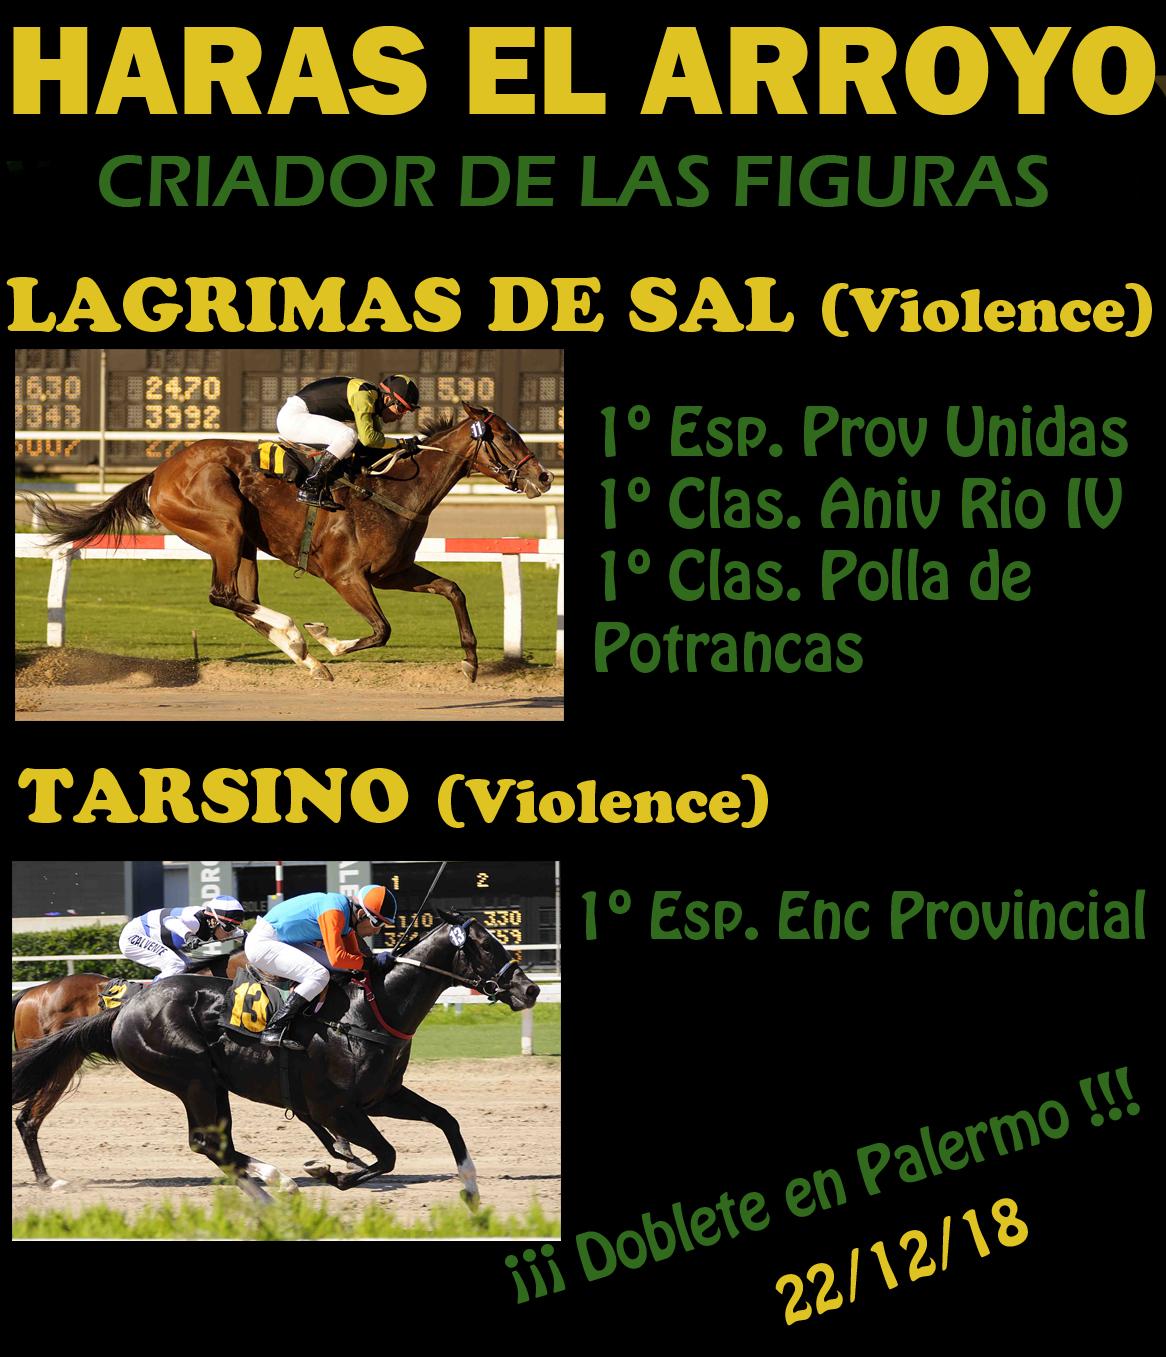 HS EL ARROYO FELIC